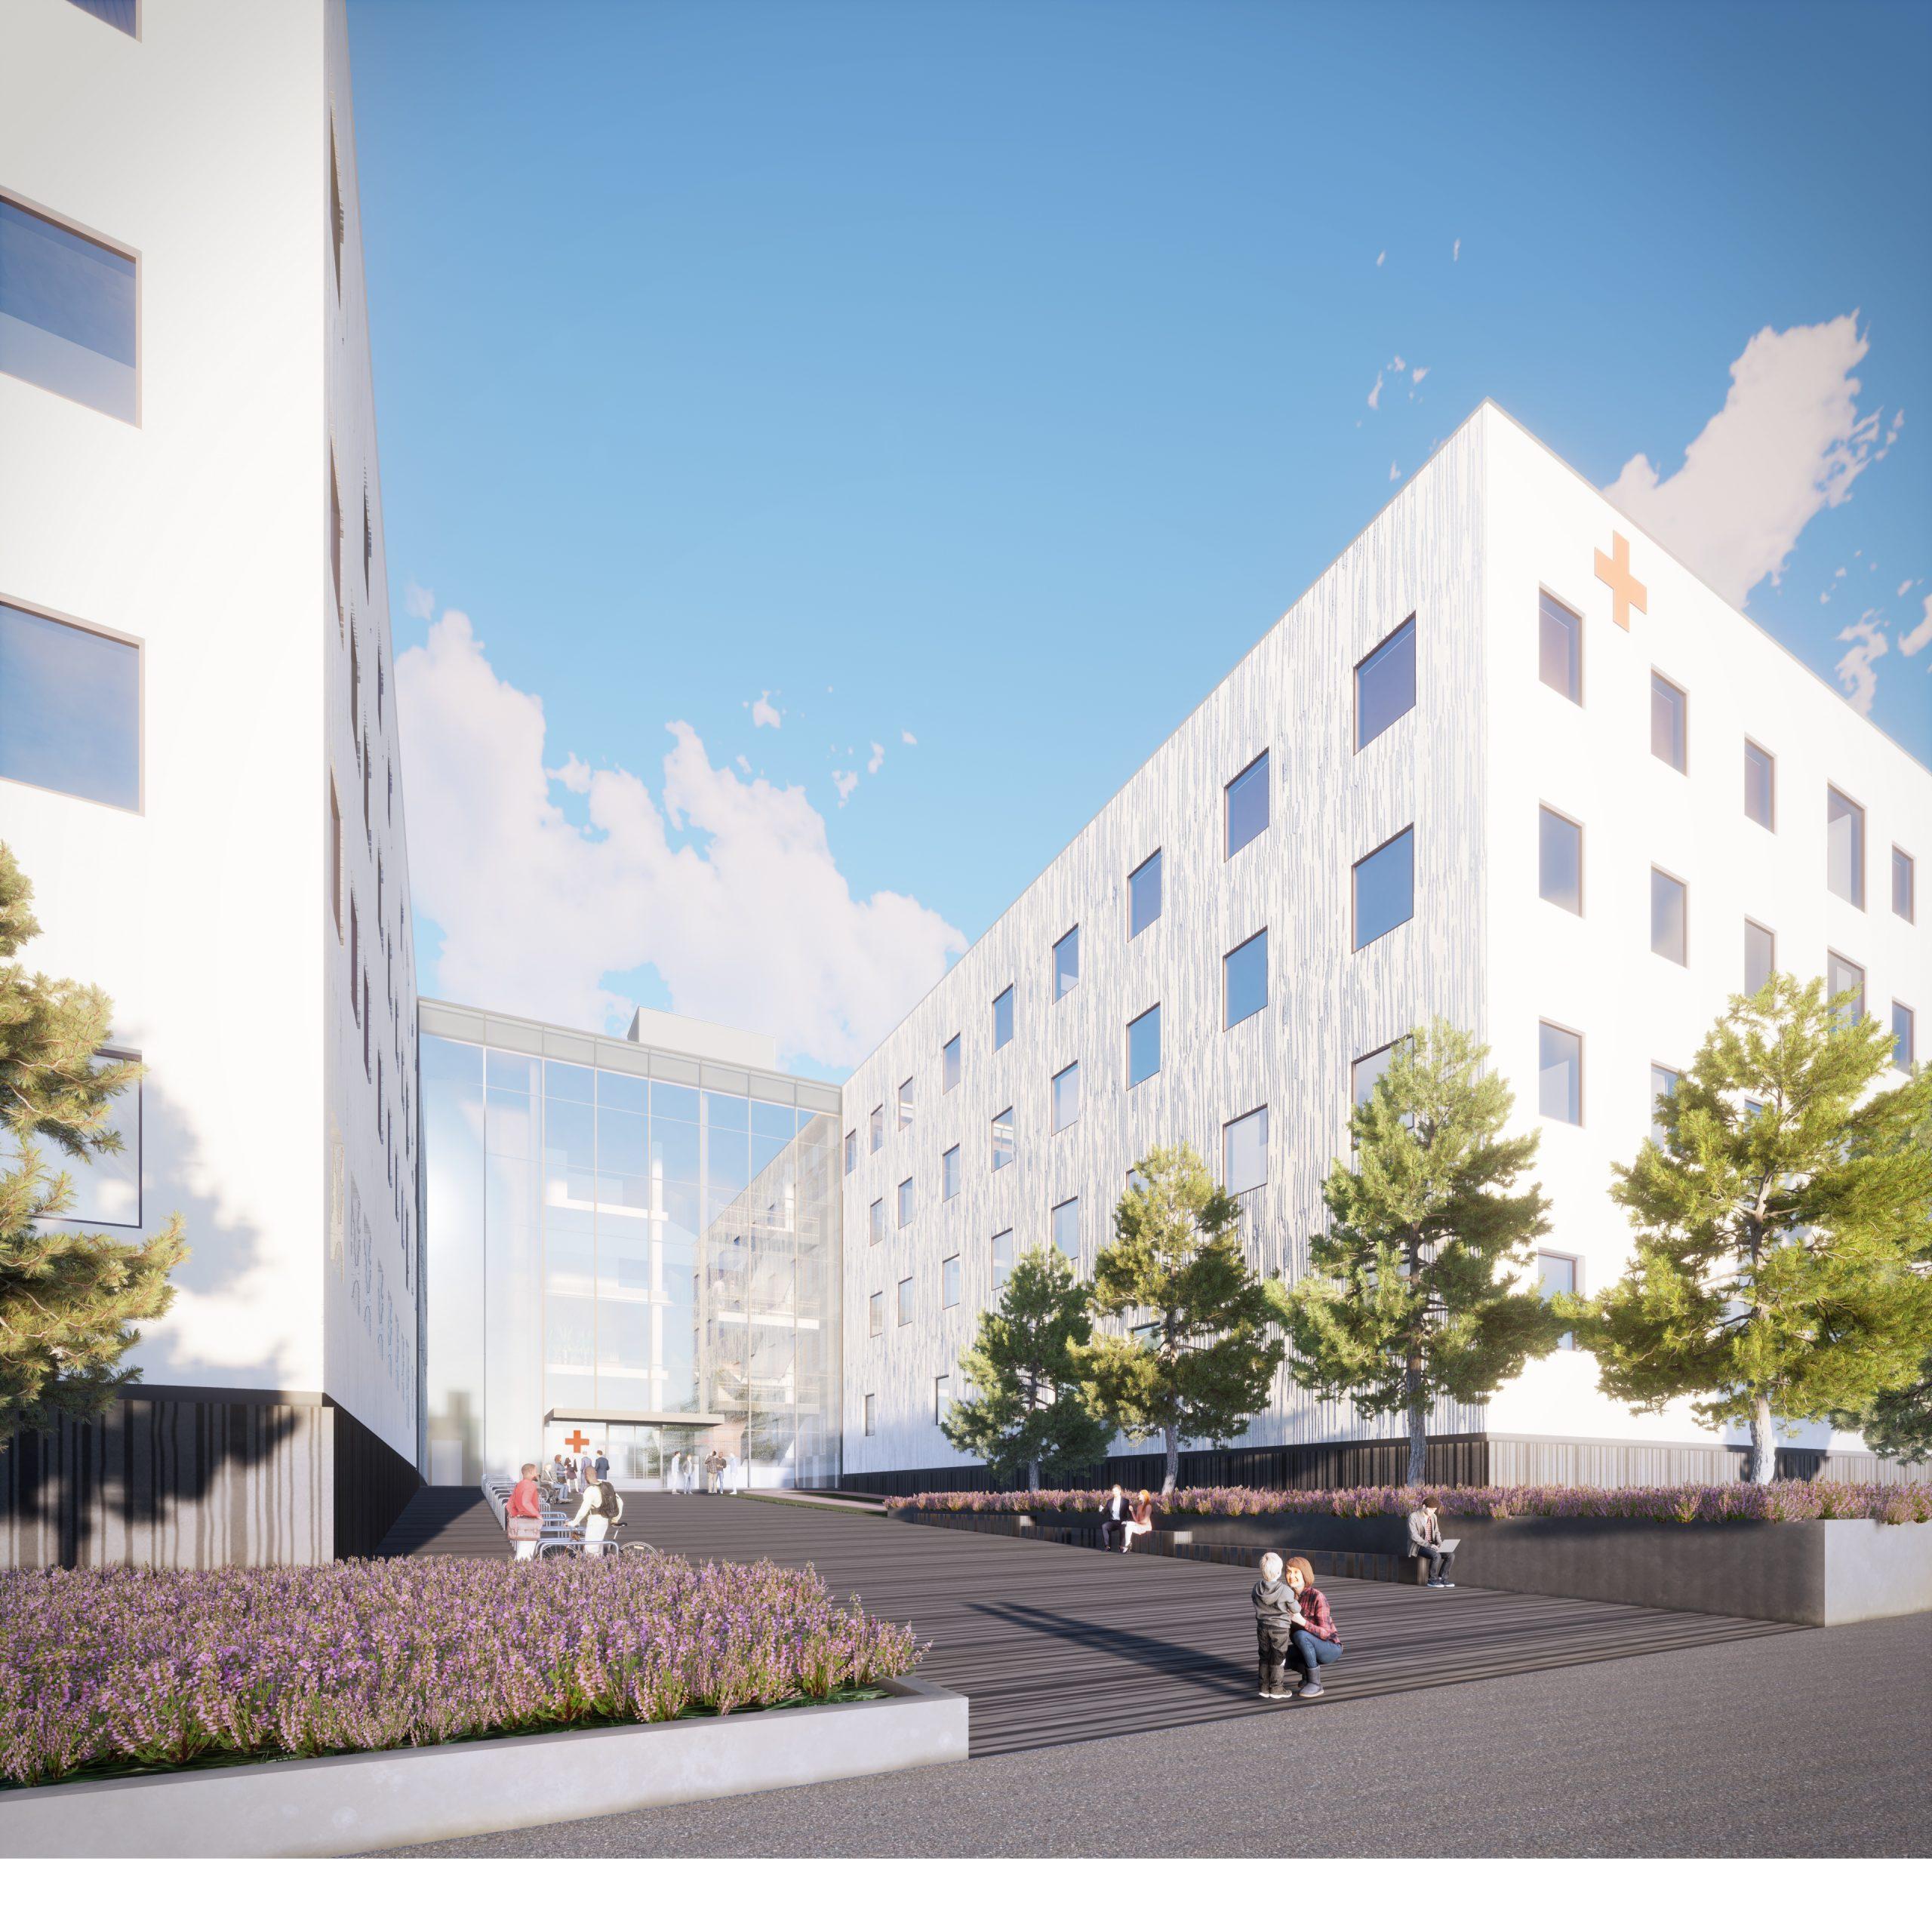 Havainnekuva uuden tulevaisuuden Ahveniston sairaalan sisäänkäynnistä